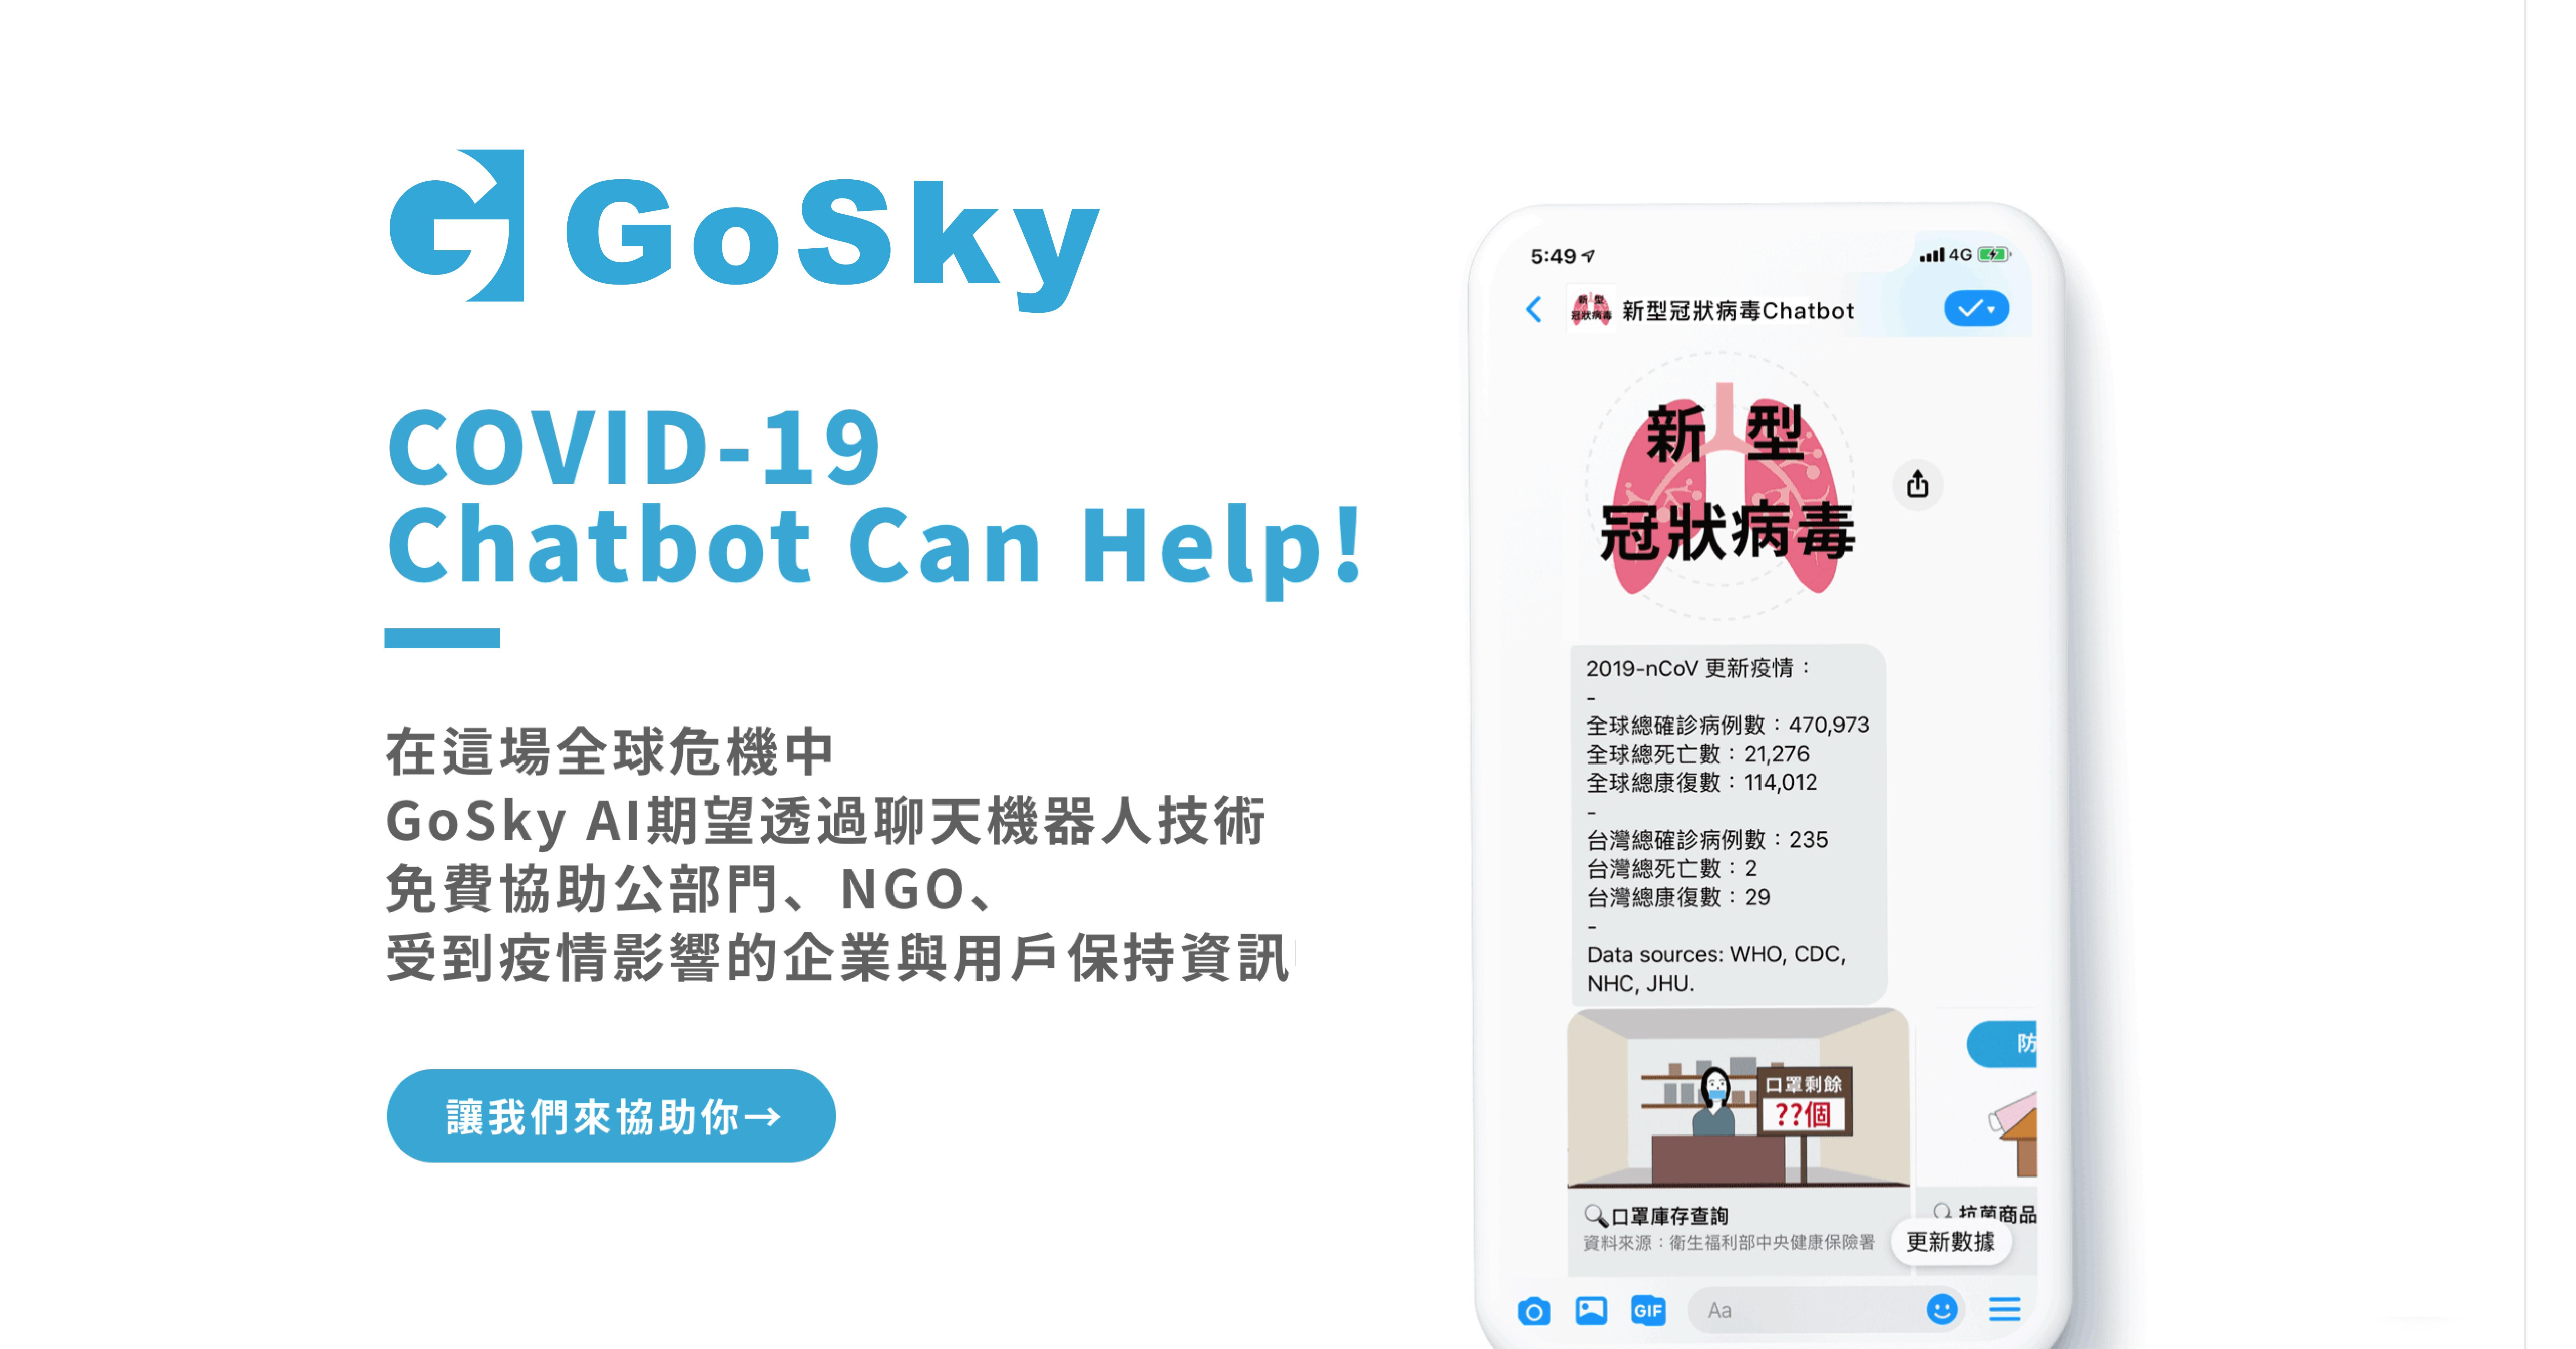 武漢肺炎Chatbot開發商GoSky   加入Facebook「全球防疫計劃」台灣新創助政府訊息抗疫